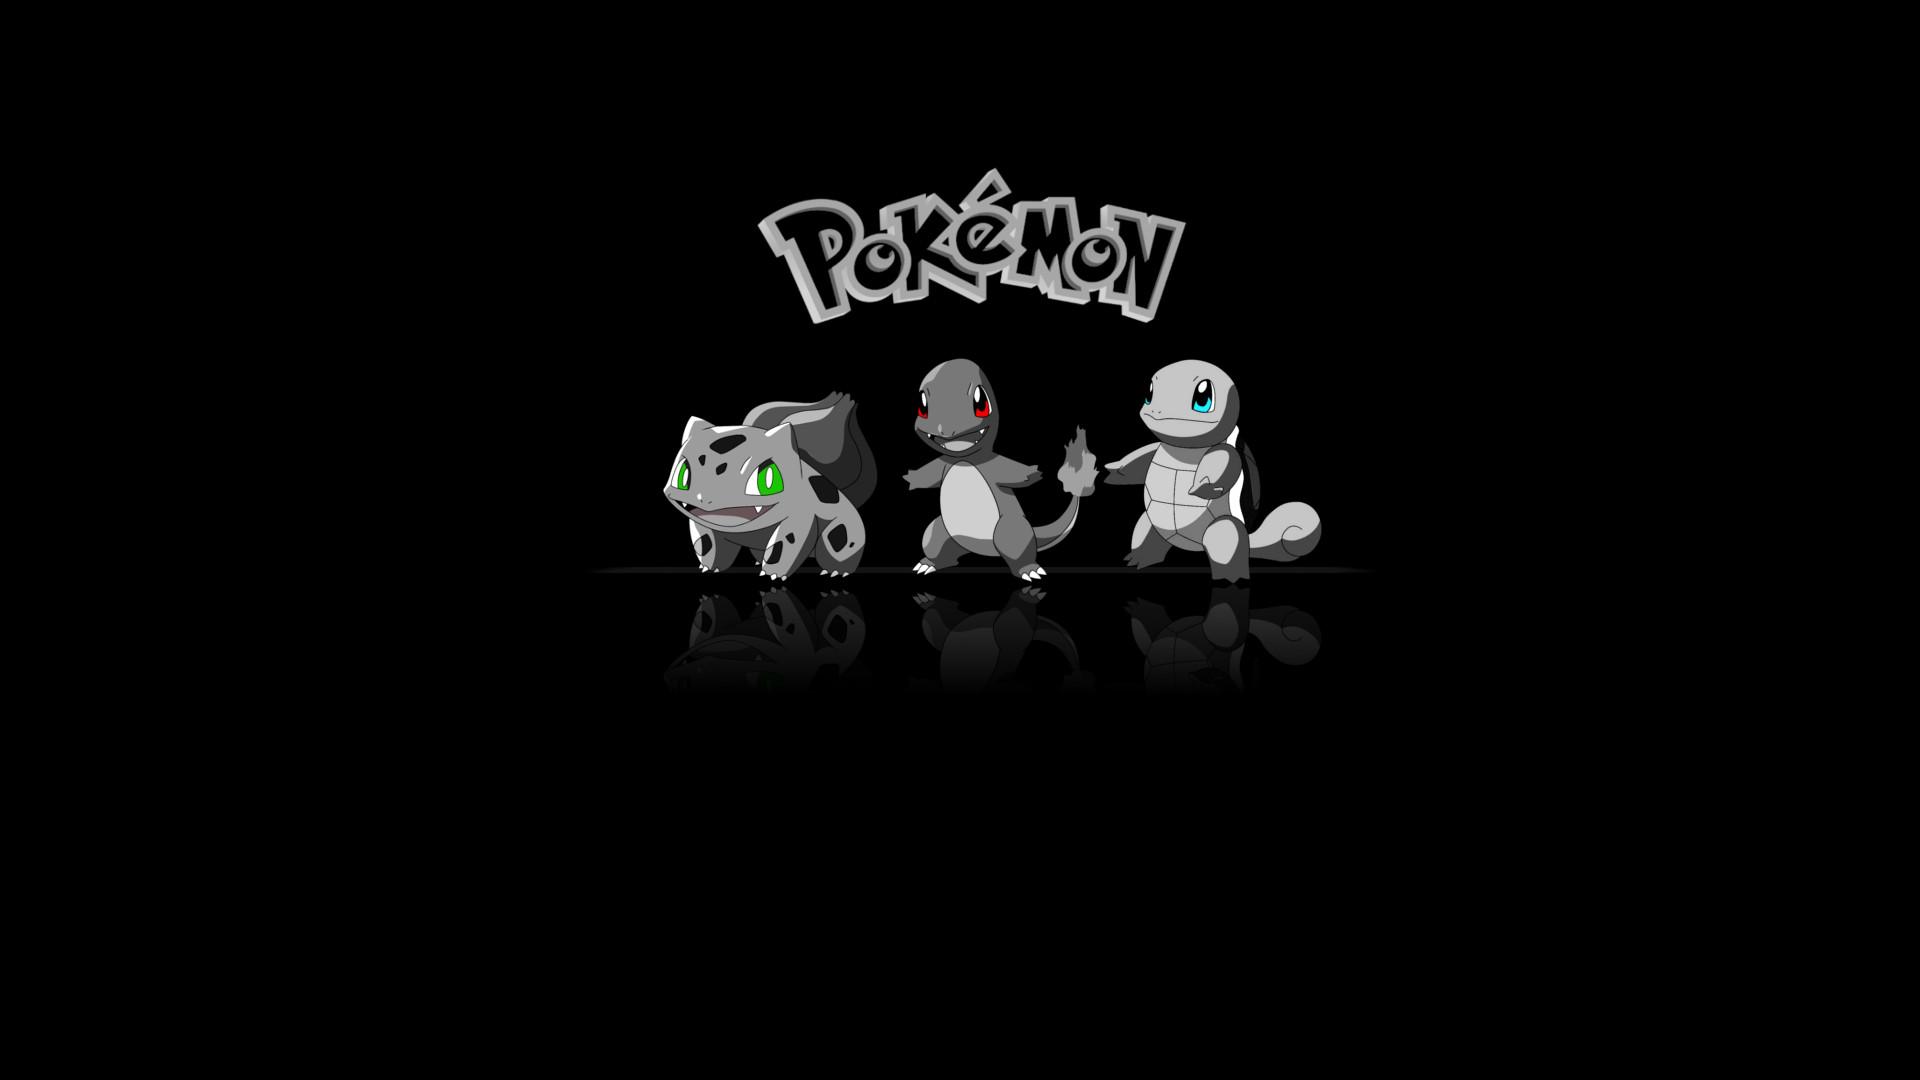 Pokemon Wallpaper 4334